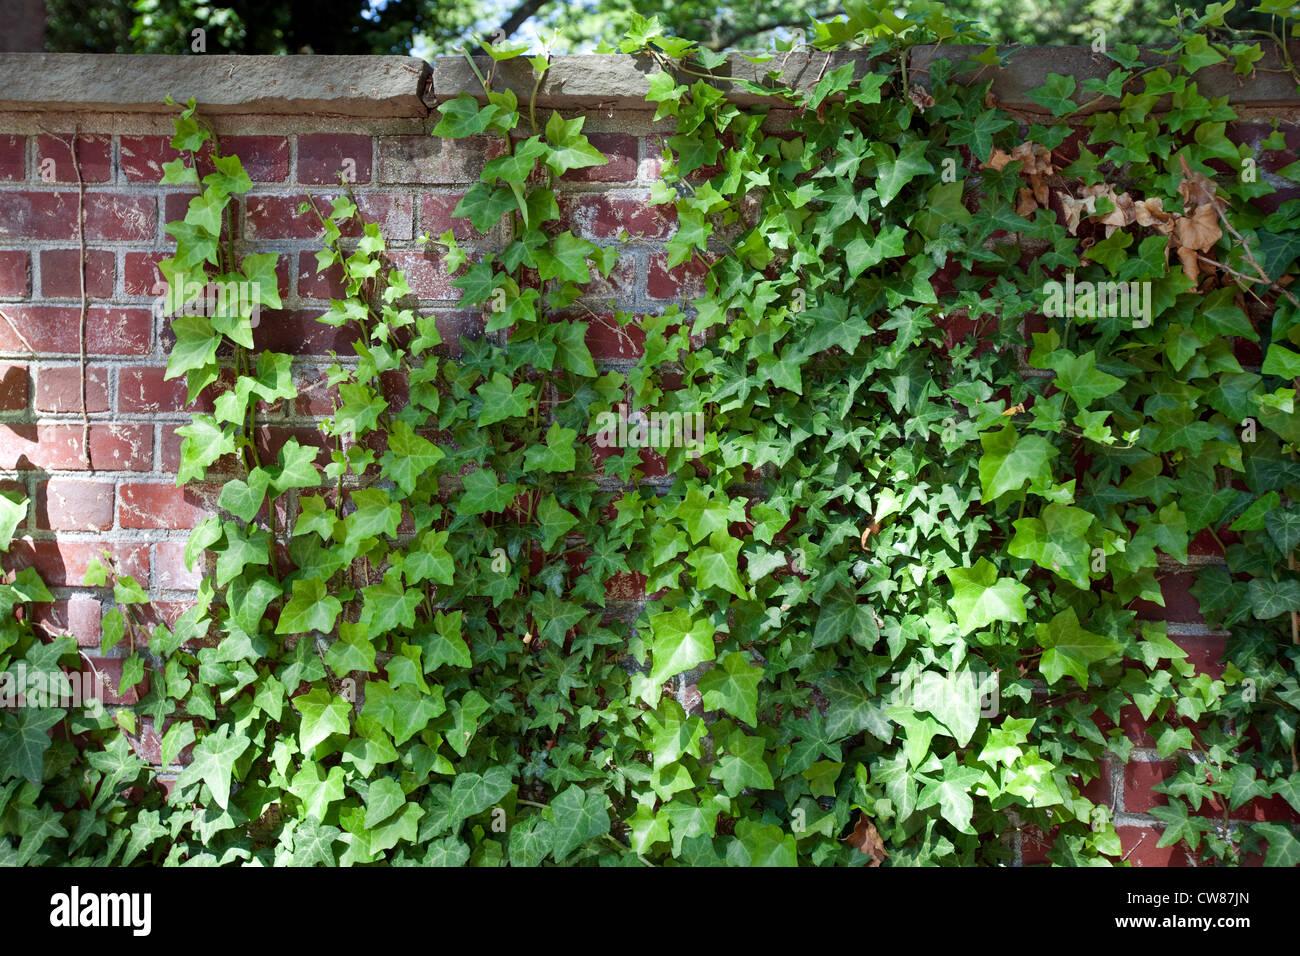 Englischer Efeu oder gemeinsame Efeu (Hedera Helix) wächst auf Ziegelmauer Stockbild